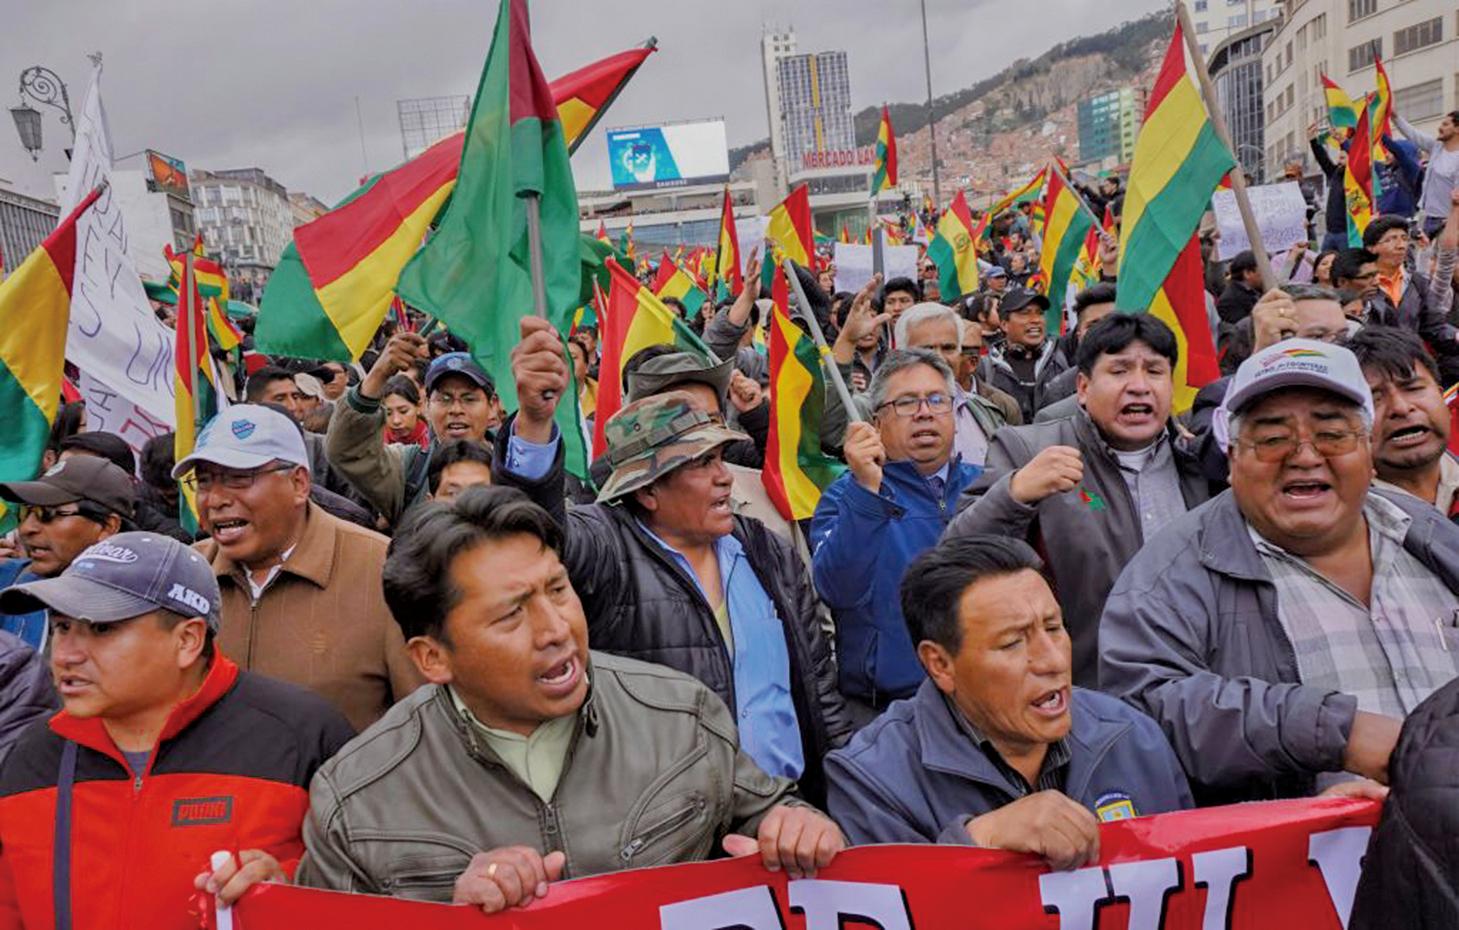 10月24日,數百名玻利維亞民眾上街,抗議莫拉萊斯當選。11月10日,美洲國家組織(OAS)發佈報告,指在玻國選舉中,他們發現投票系統「明顯被操縱」,該選舉結果應作廢並重新大選。莫拉萊斯最終黯然退位。(Getty Images)